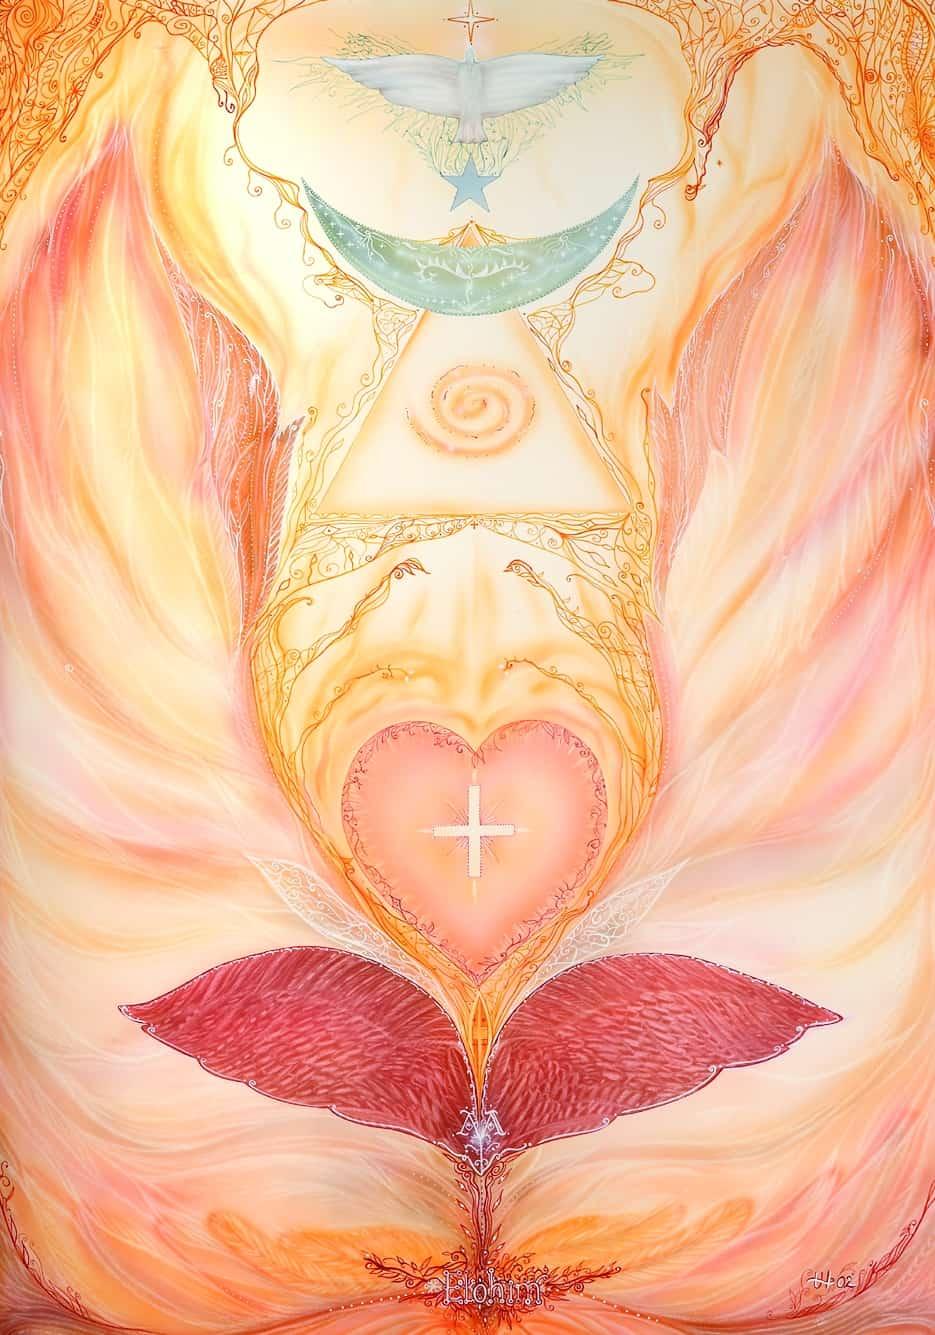 Bild 11_Engel der Wunder_Gnade